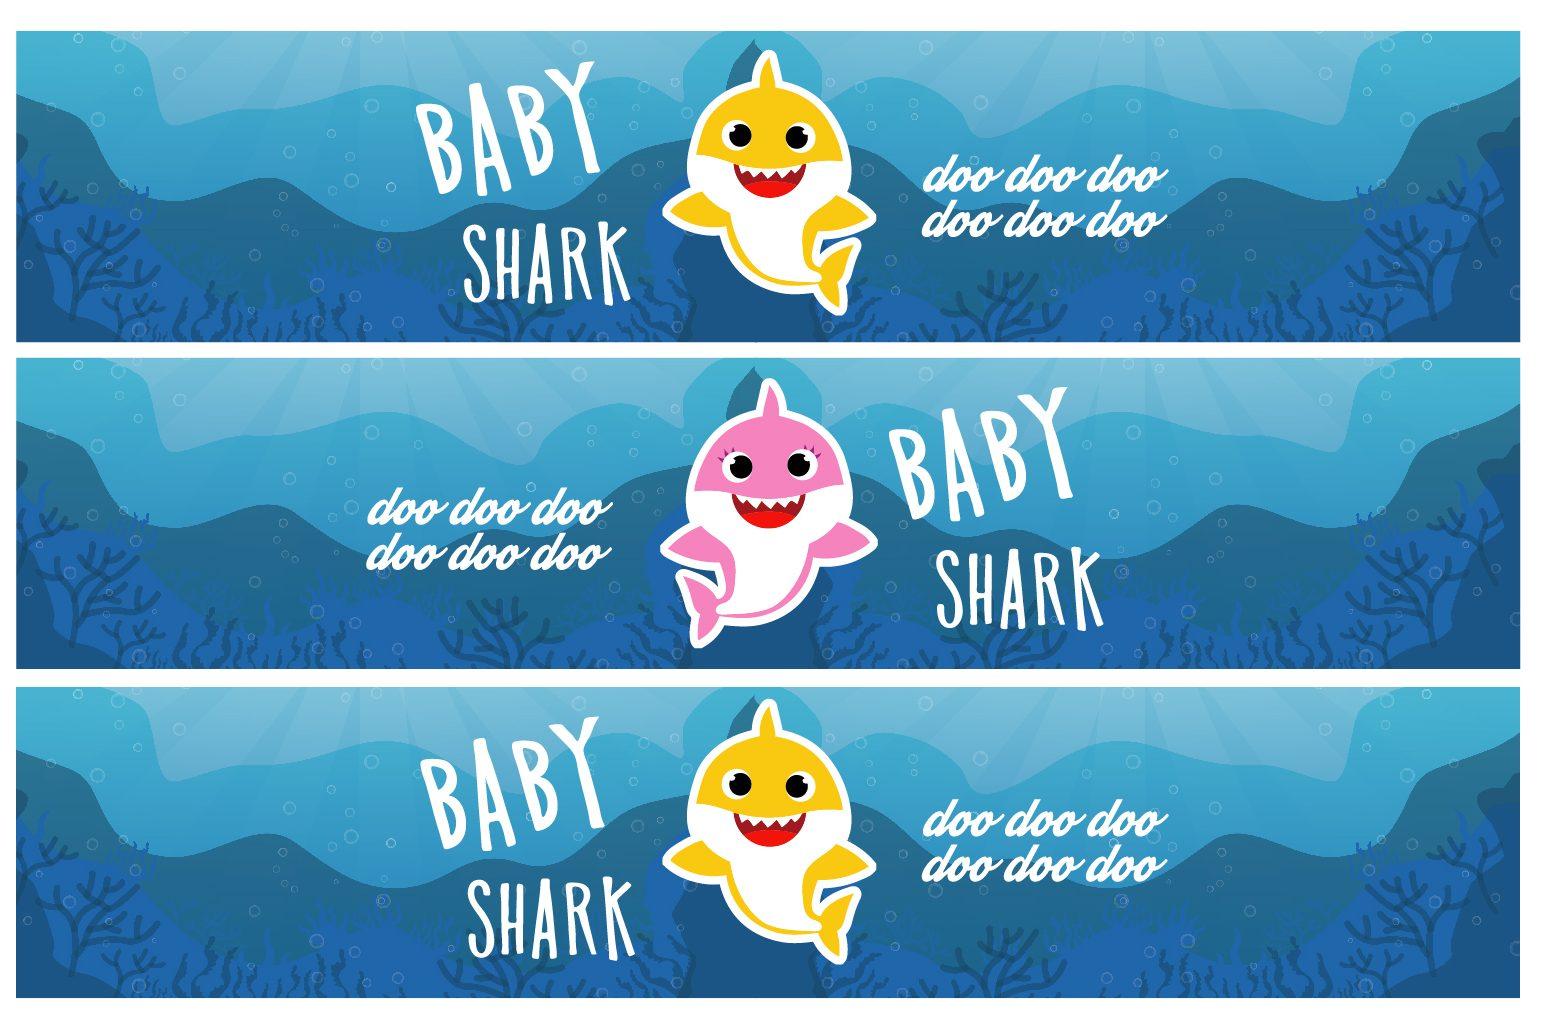 baby-shark-imprimir-adesivo-garrafa